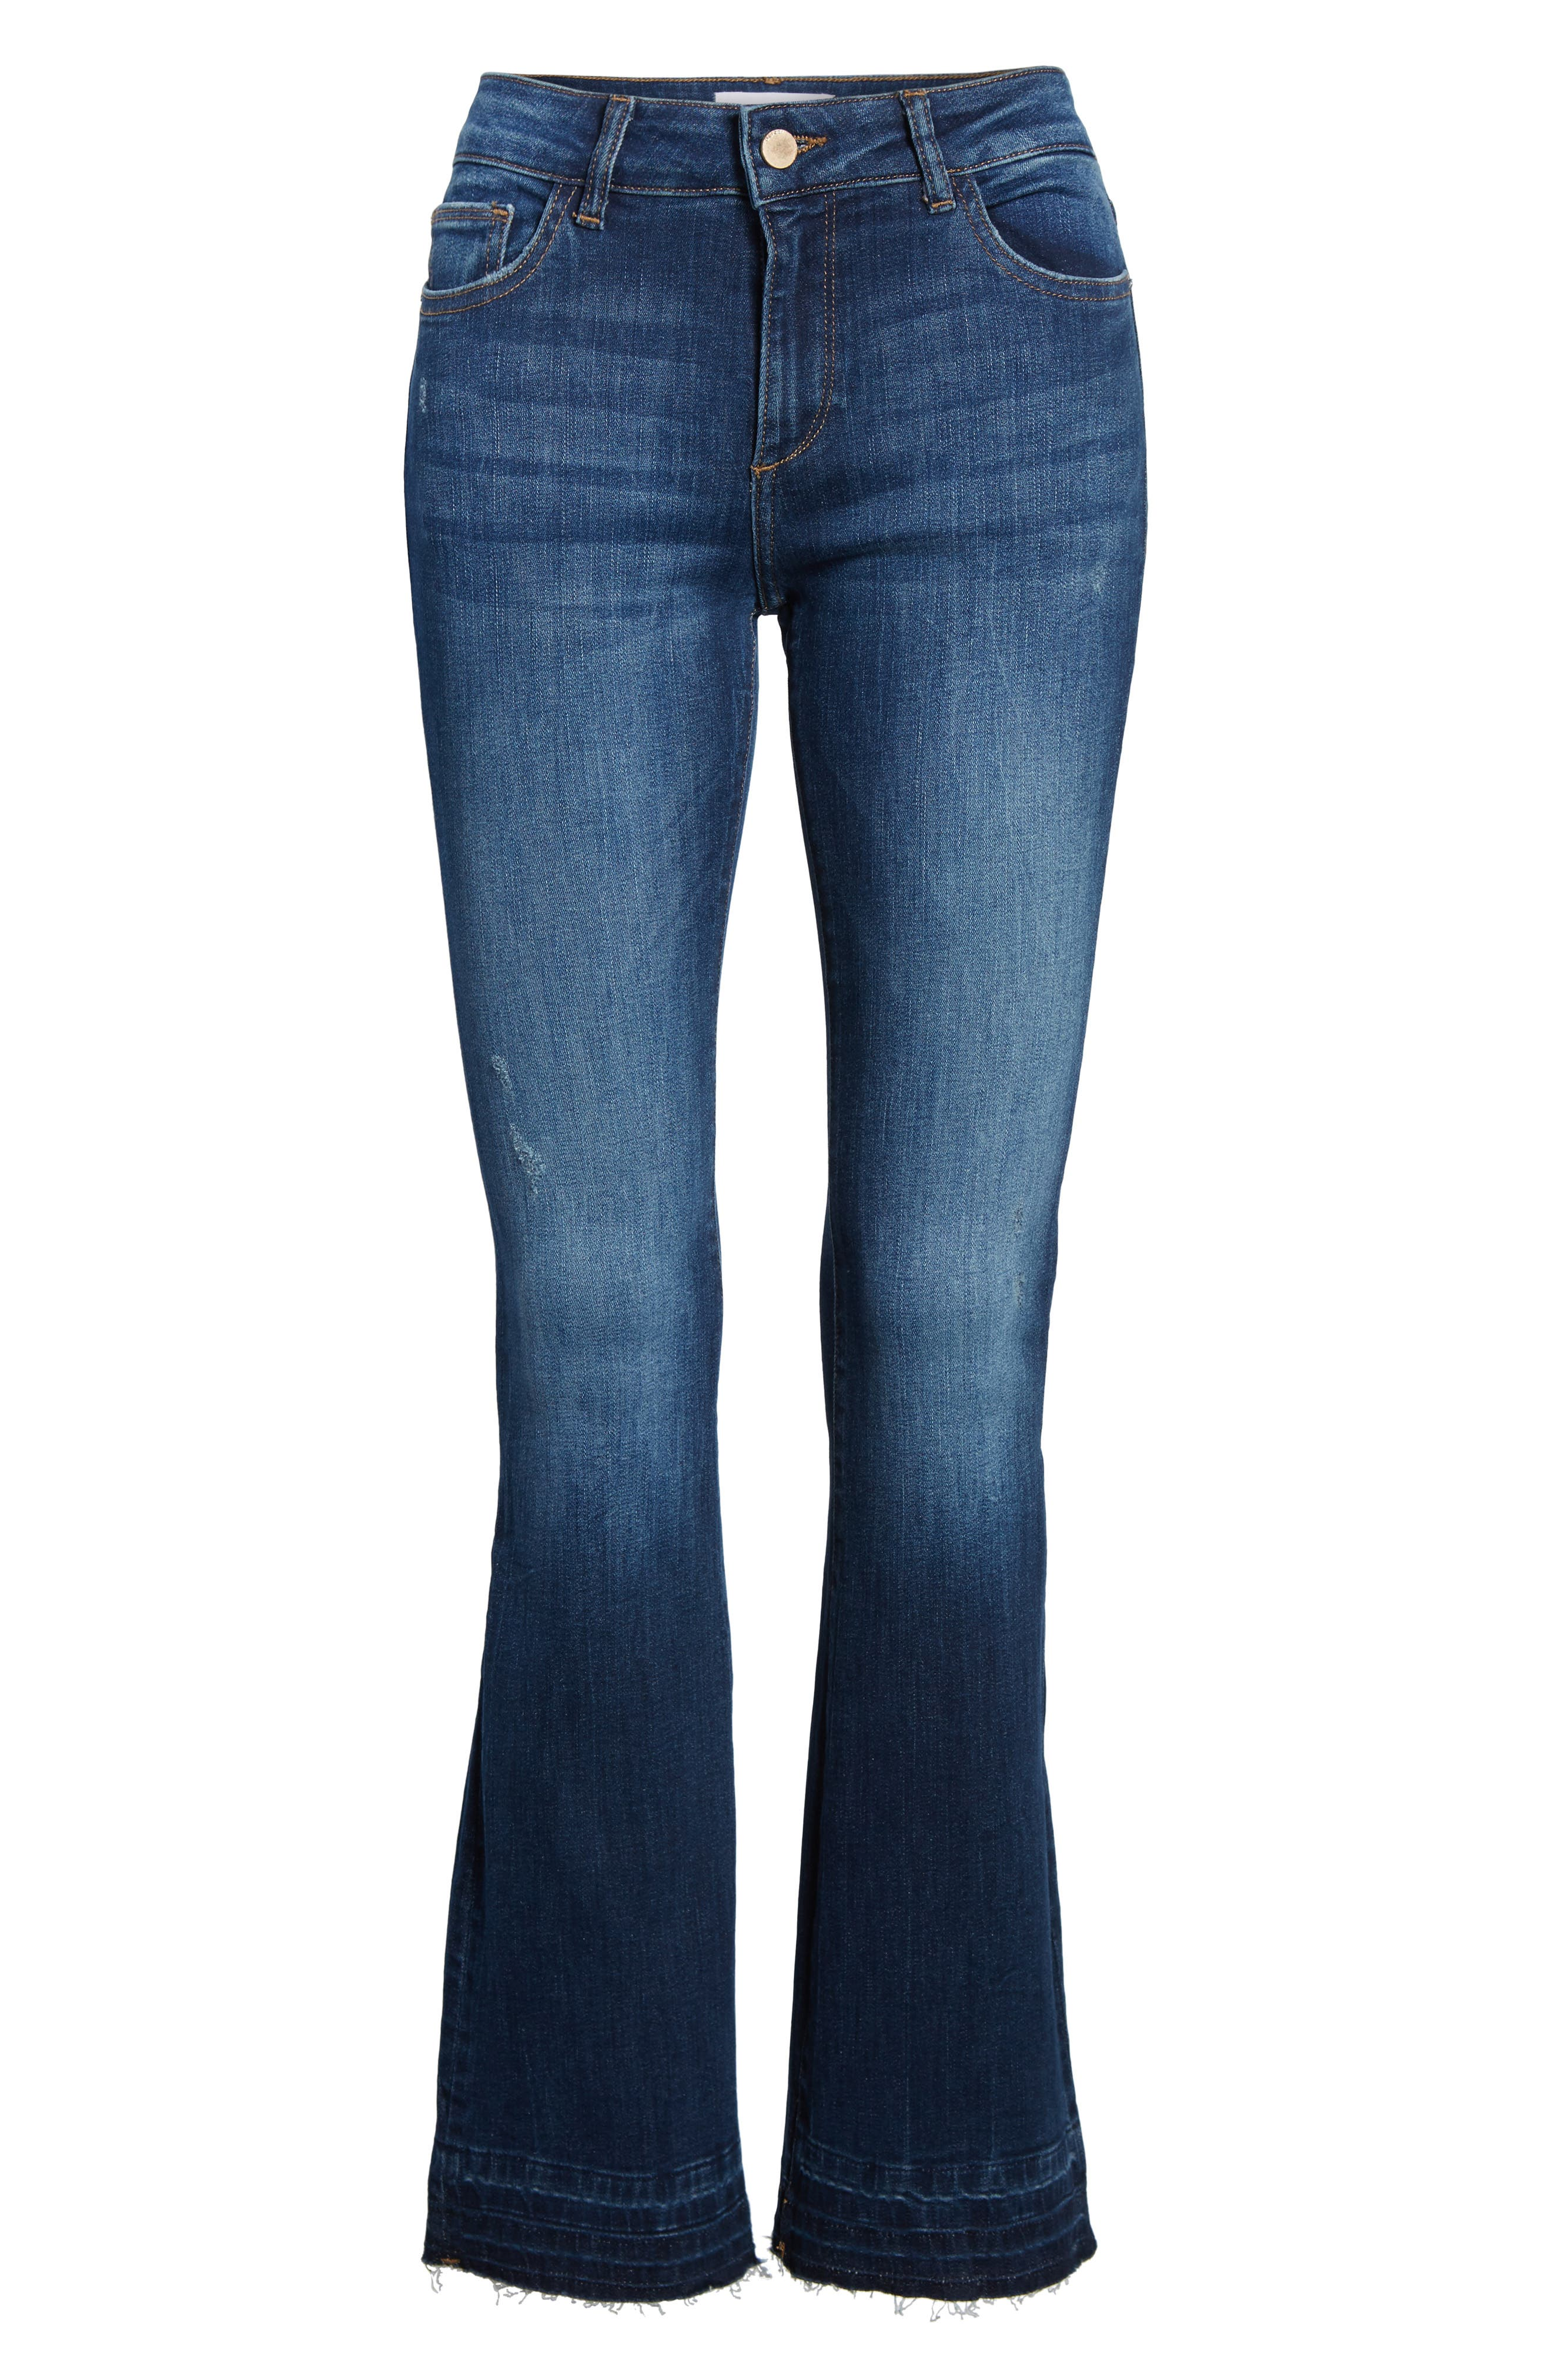 Bridget Instasculpt Bootcut Jeans,                             Alternate thumbnail 7, color,                             405